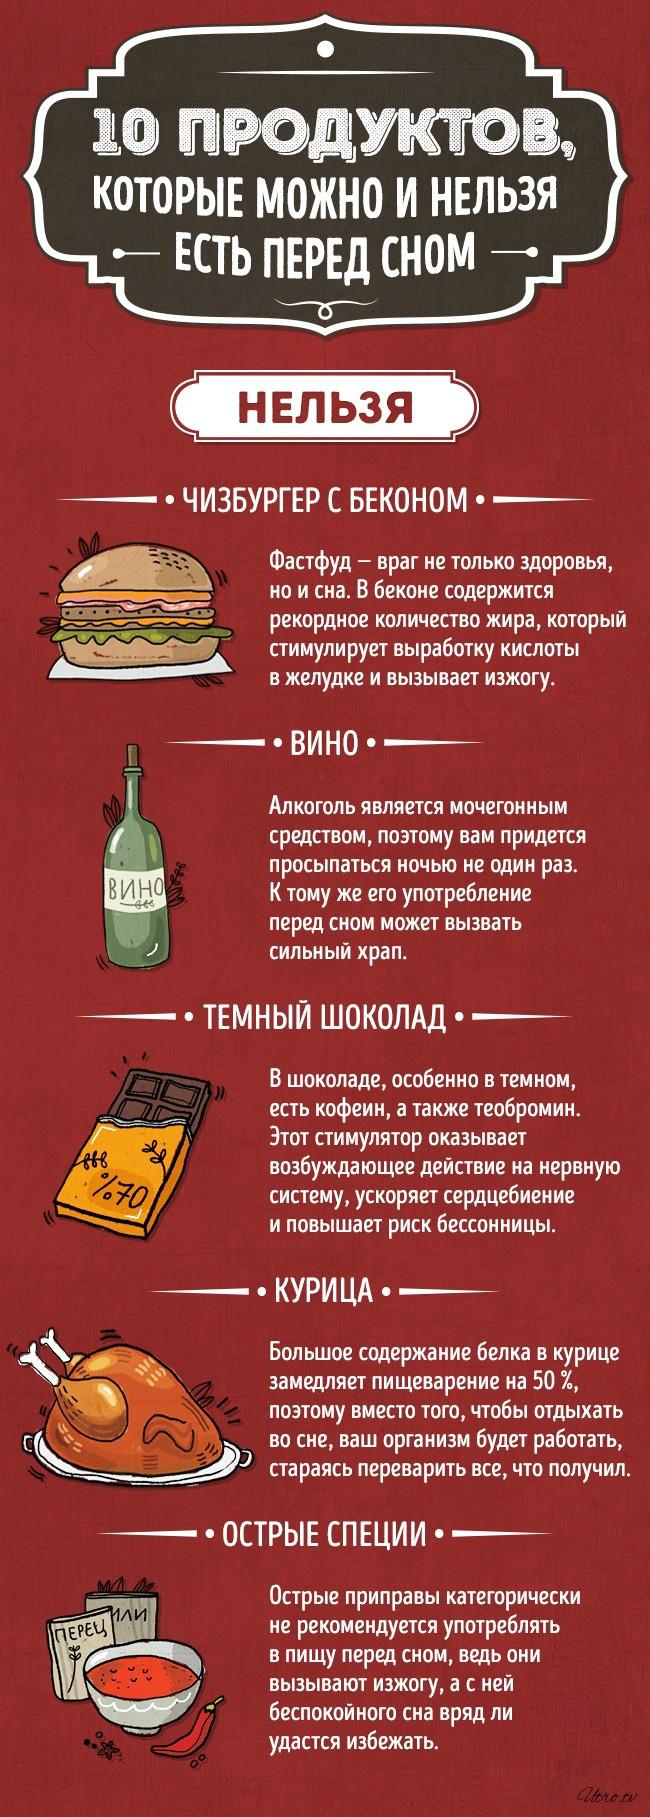 10 продуктов, которые можно и нельзя есть перед сном